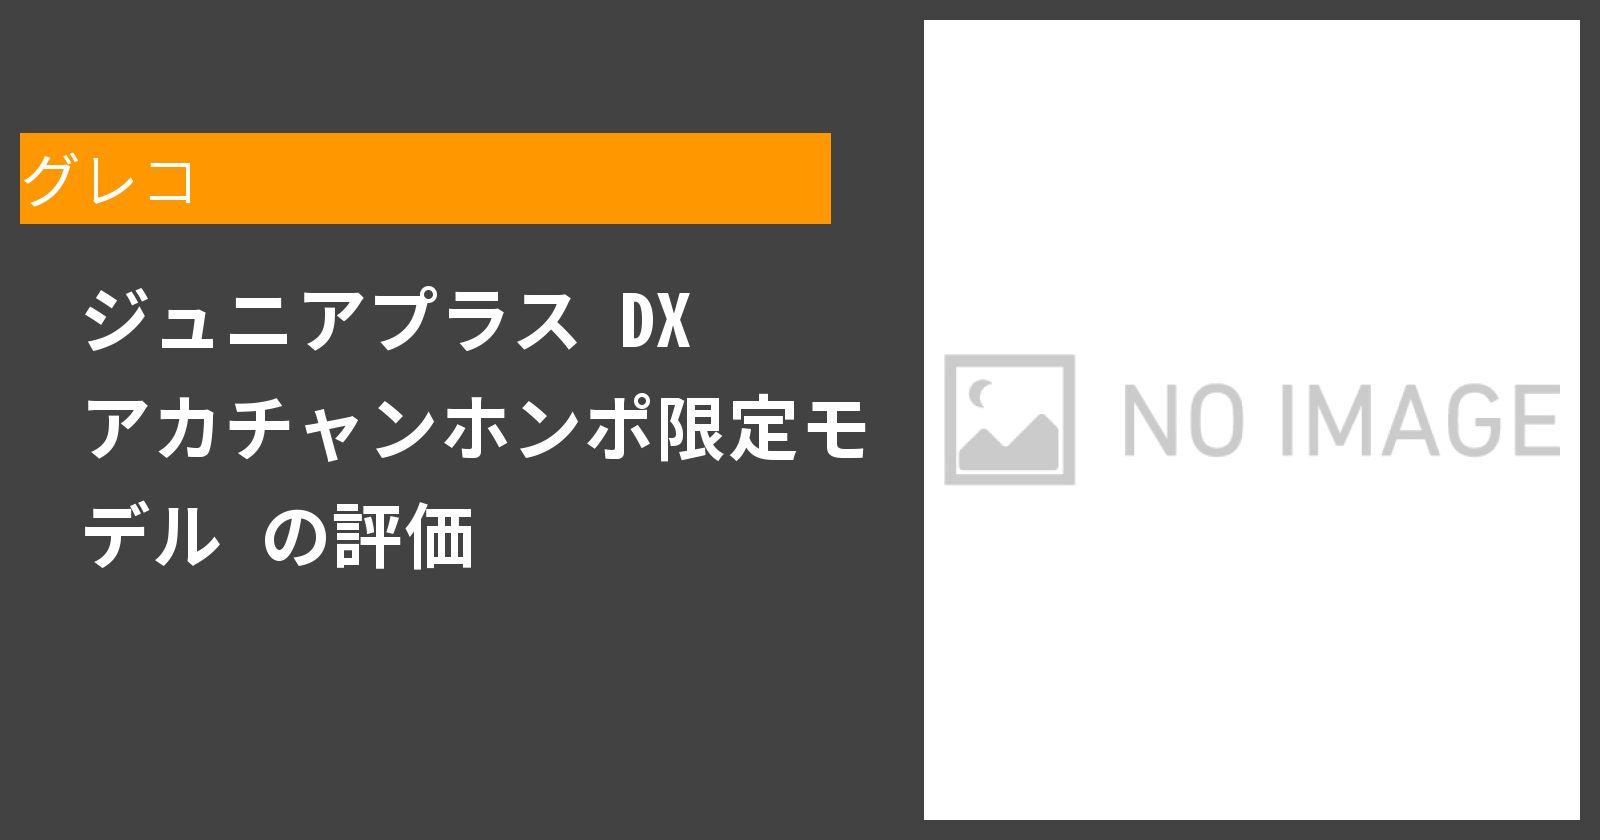 ジュニアプラス DX アカチャンホンポ限定モデルを徹底評価